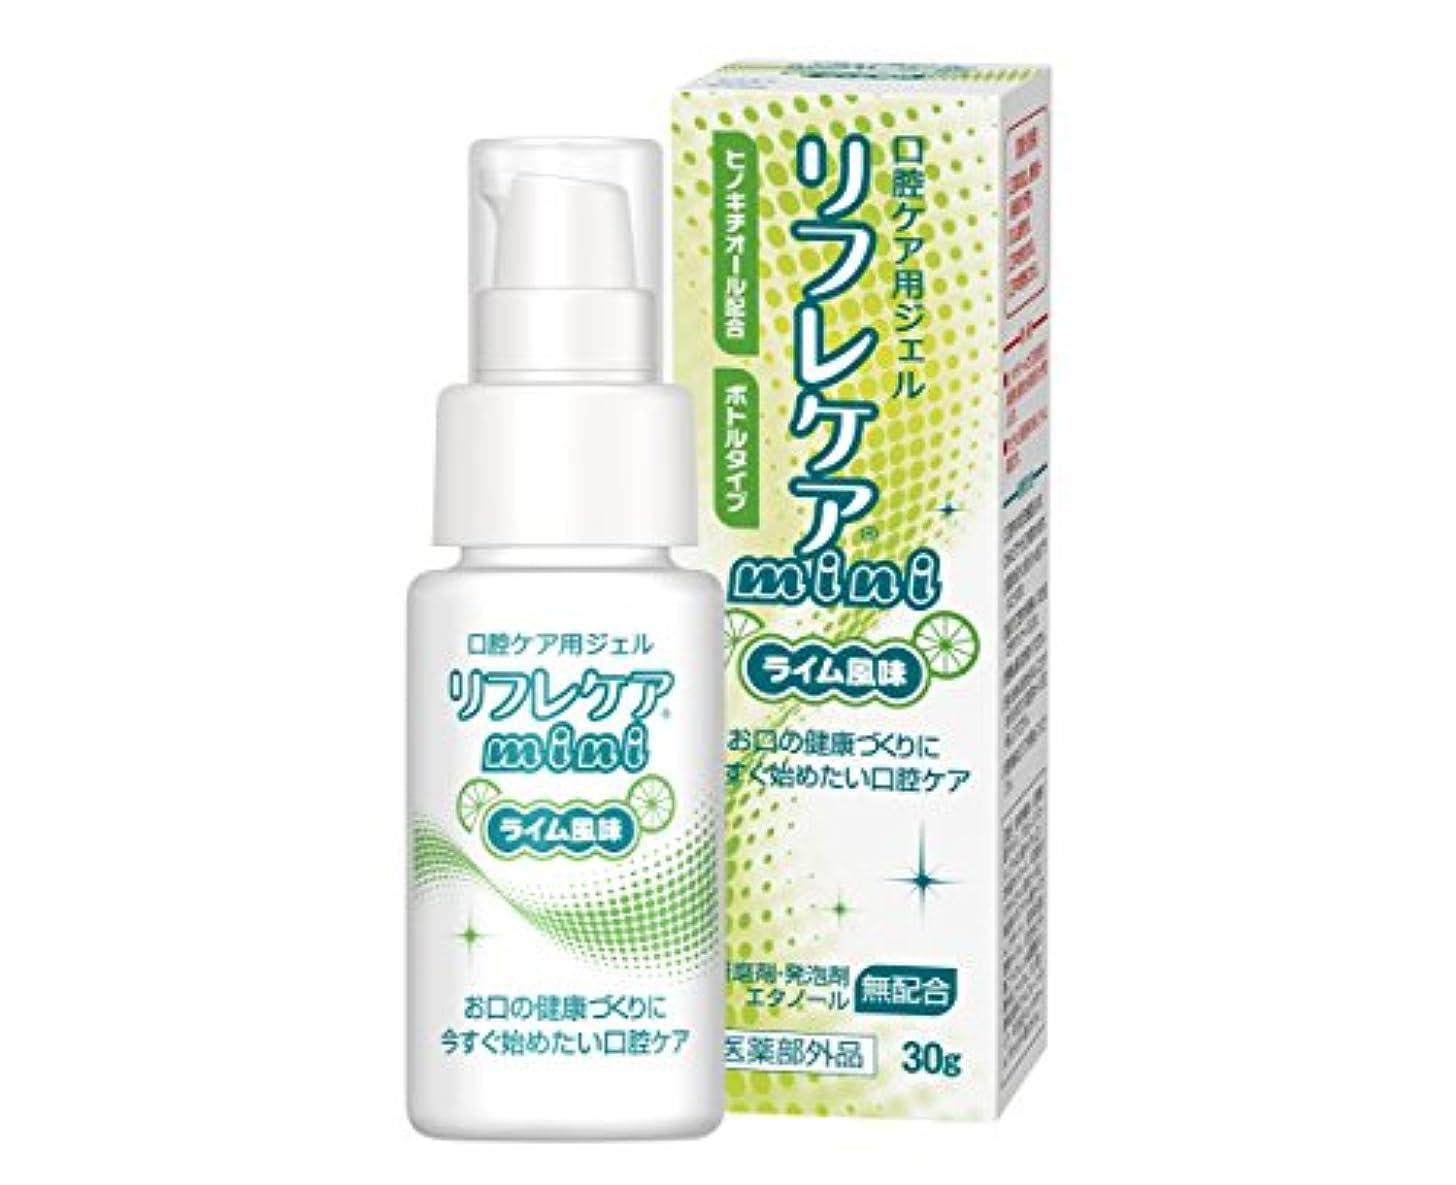 後継悲惨なボスリフレケアmini(ライム風味) 30g [医薬部外品]